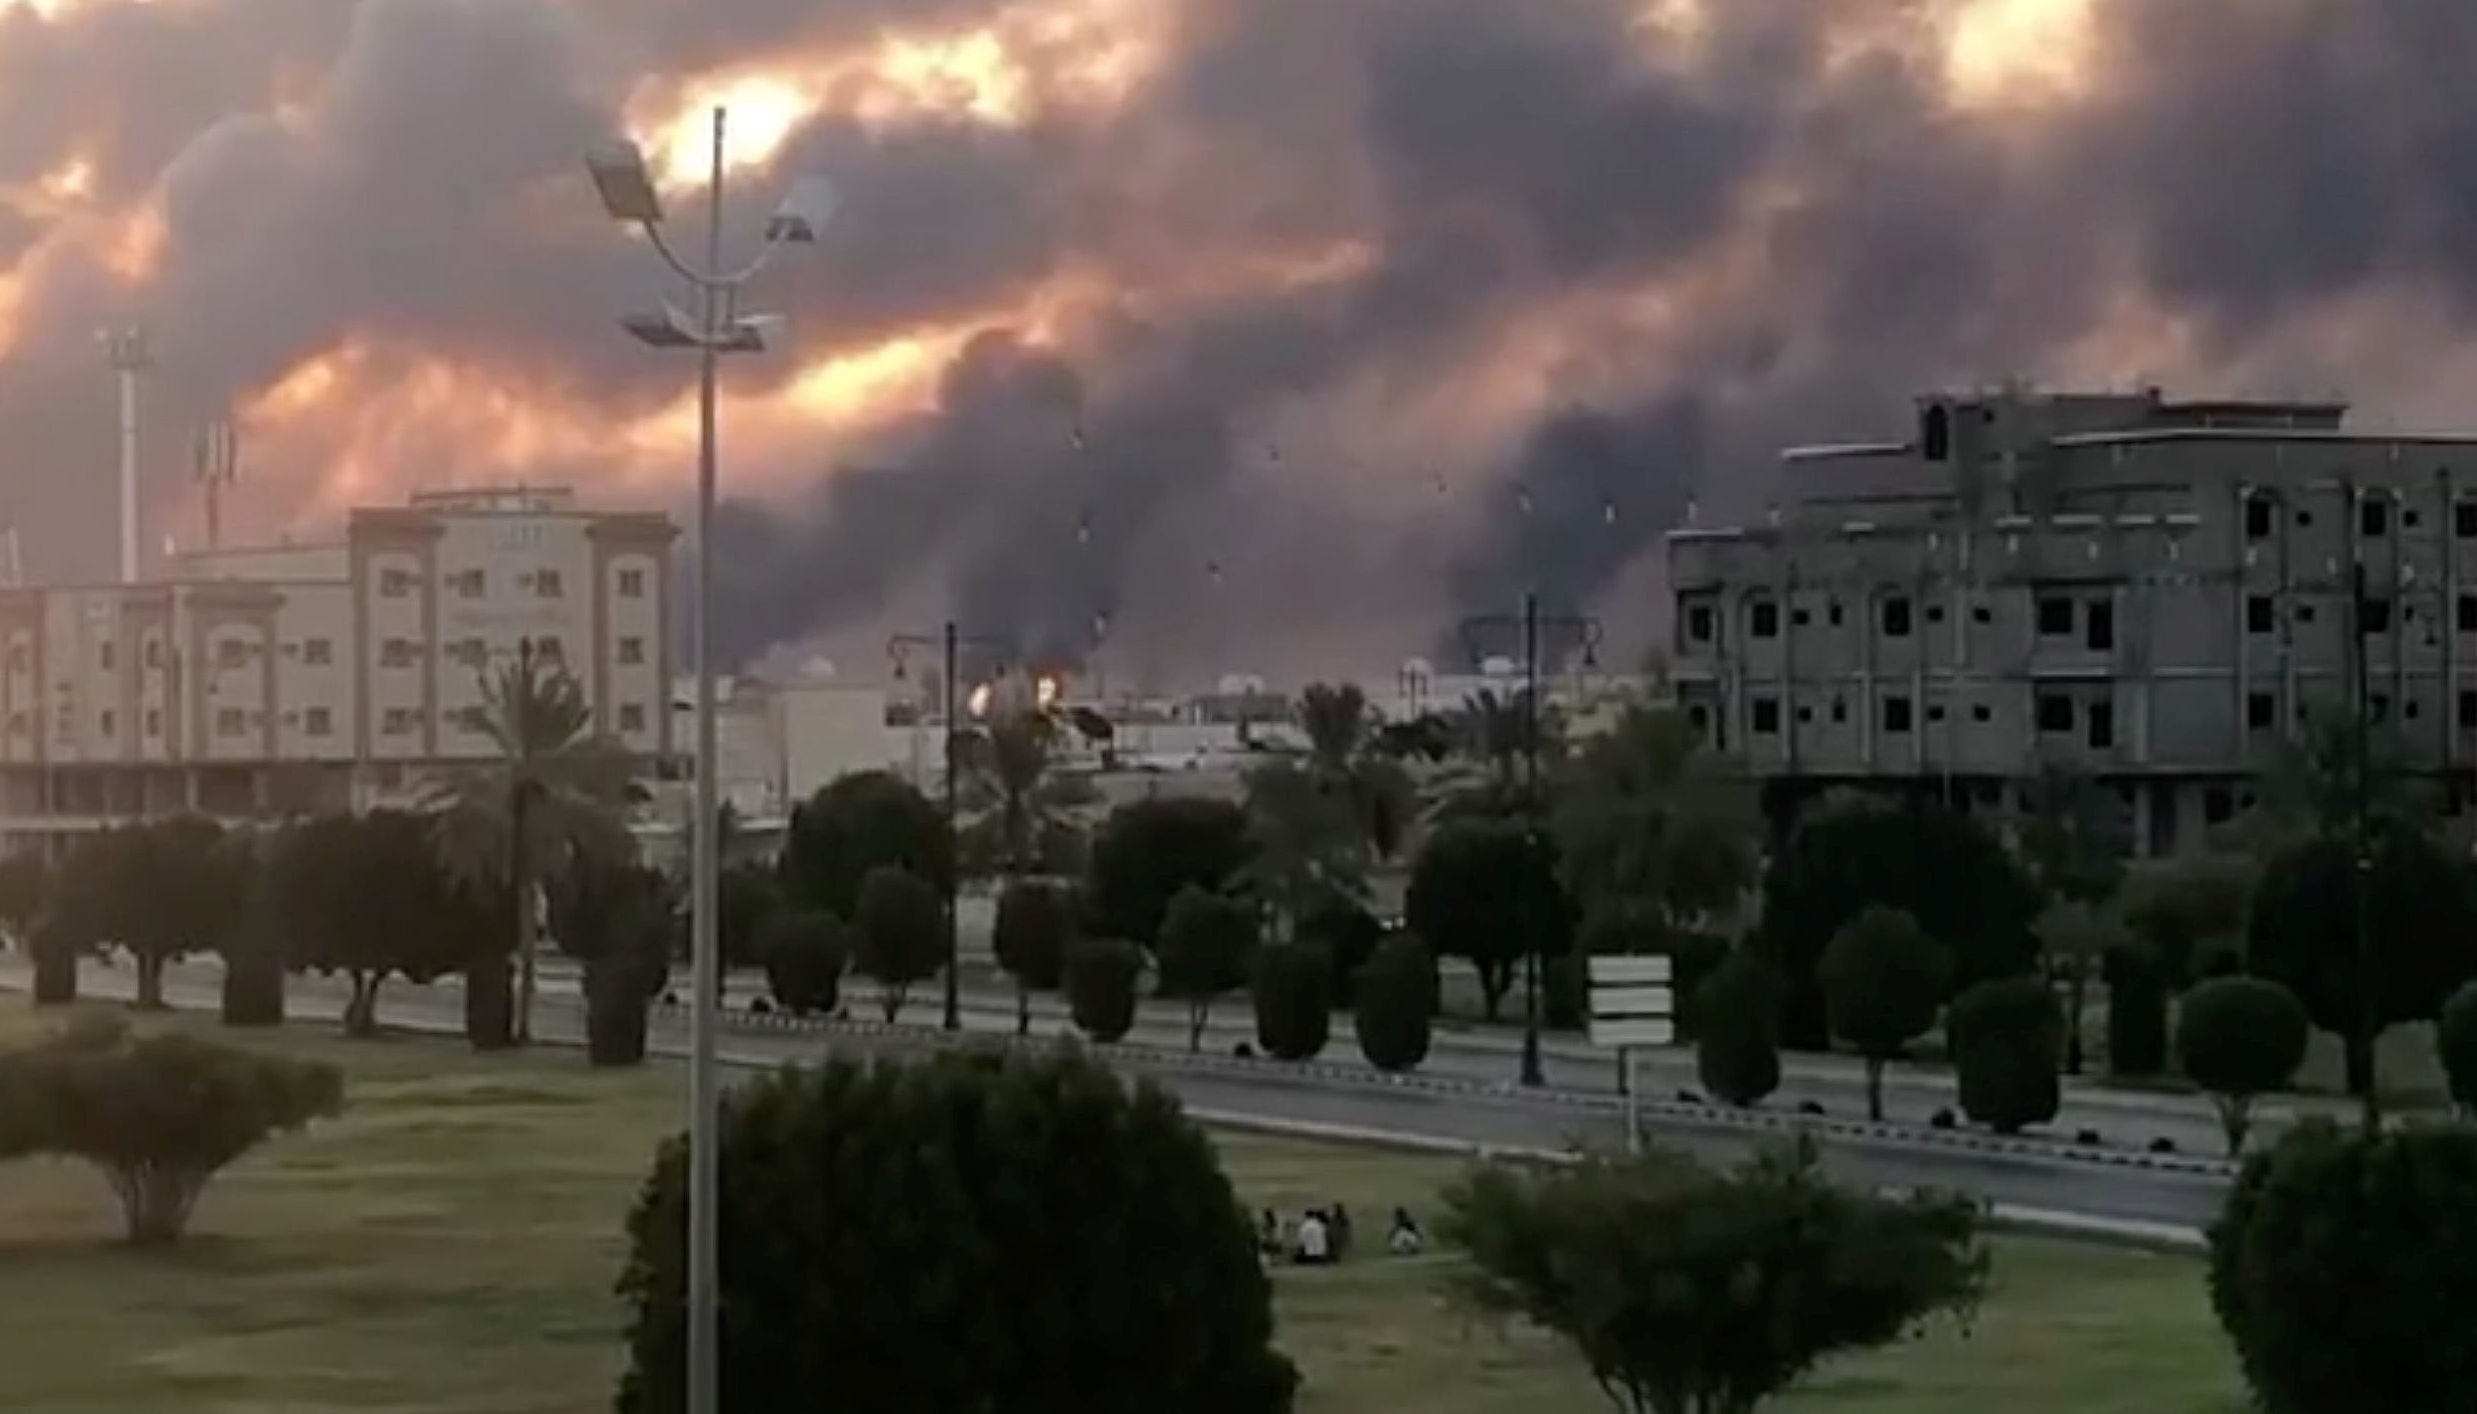 Anh, Pháp, Đức ra tuyên bố chung, tố Iran tấn công nhà máy dầu